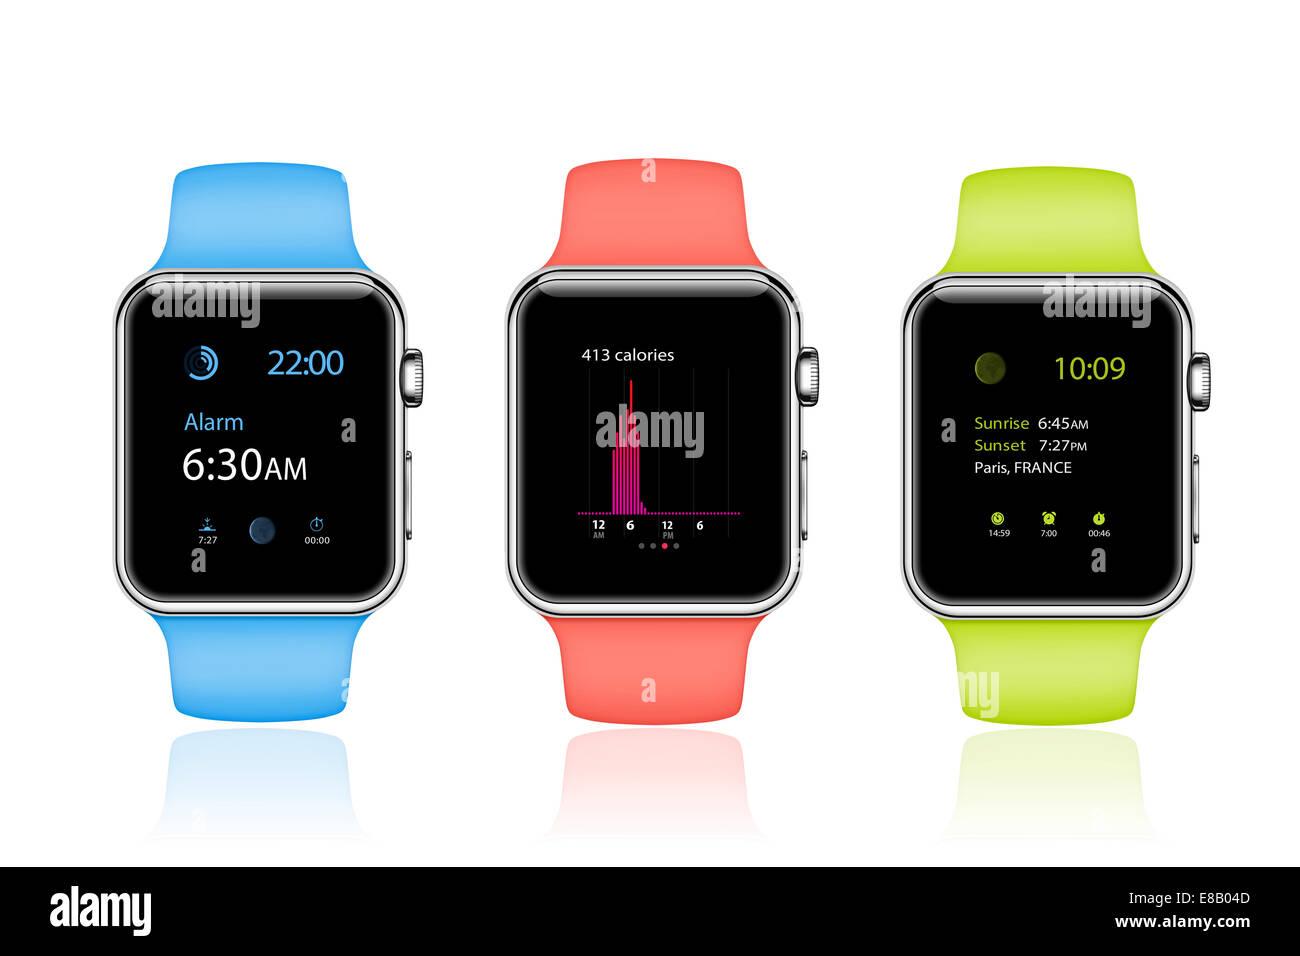 Apple guardare dello sport (blu, rosa, verde) dispositivo mobile generati digitalmente le immagini. Immagini Stock